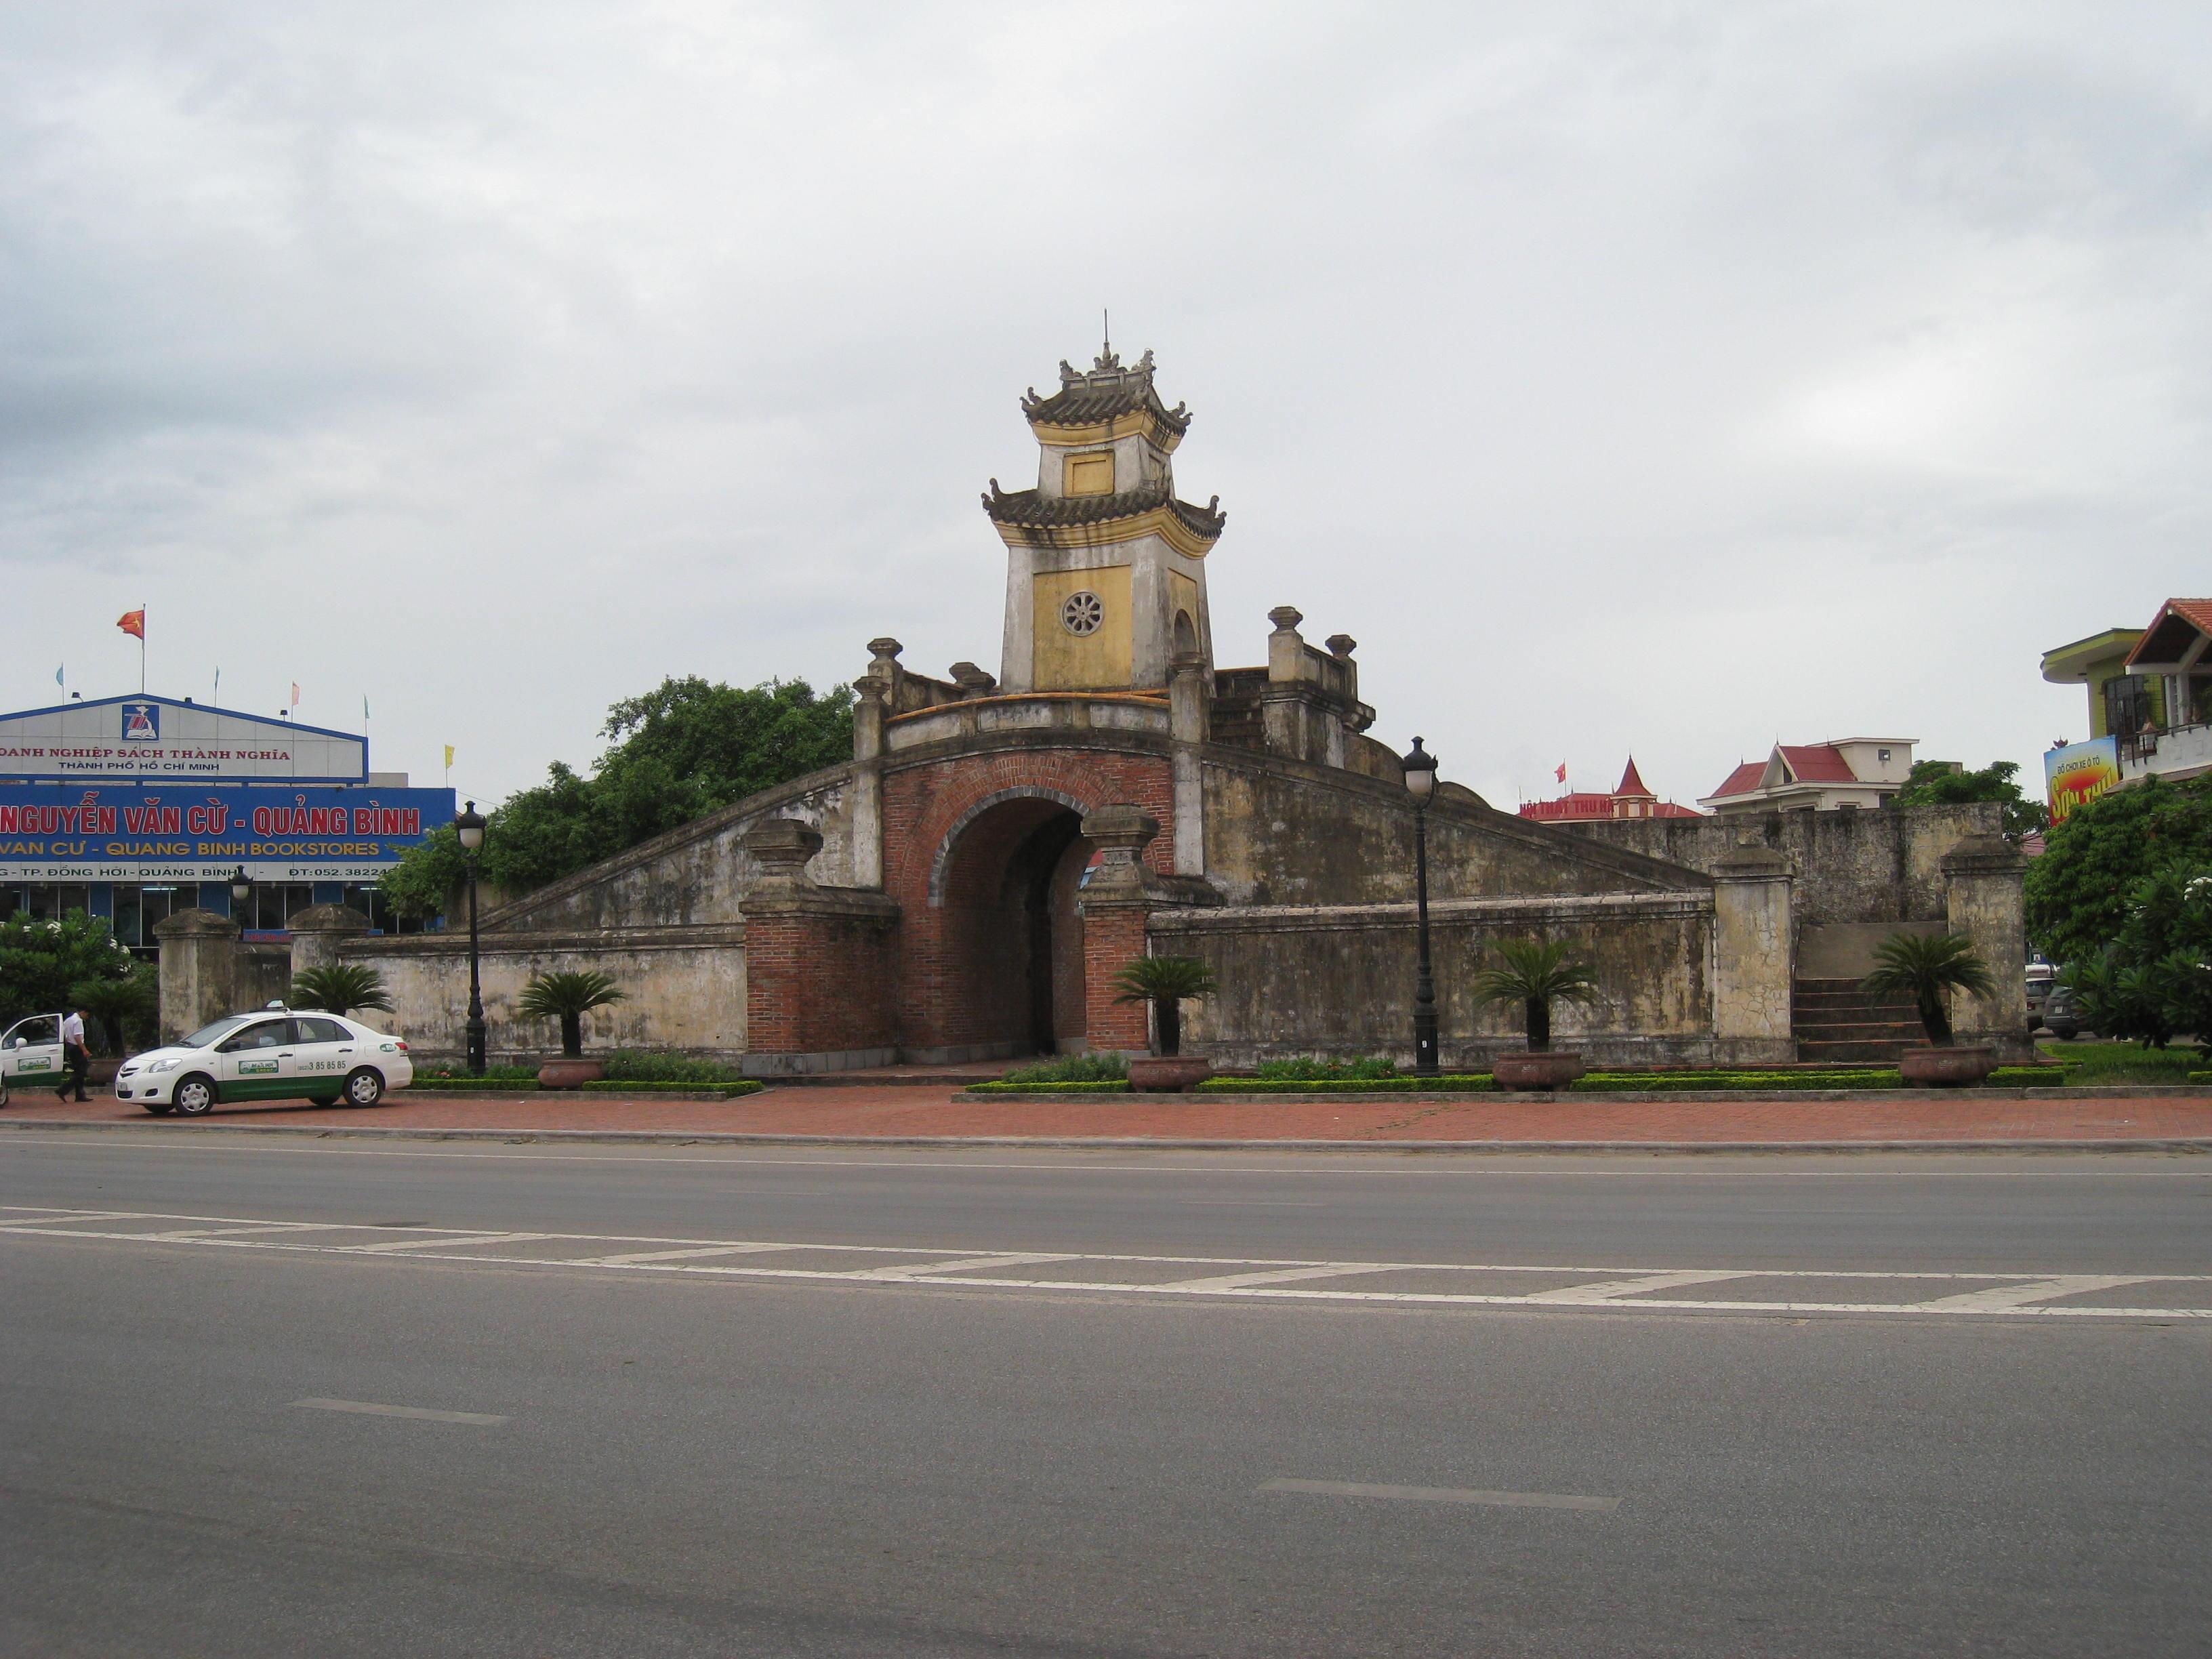 Bán nhớt Shell Advance chính hãng tại Quảng Bình